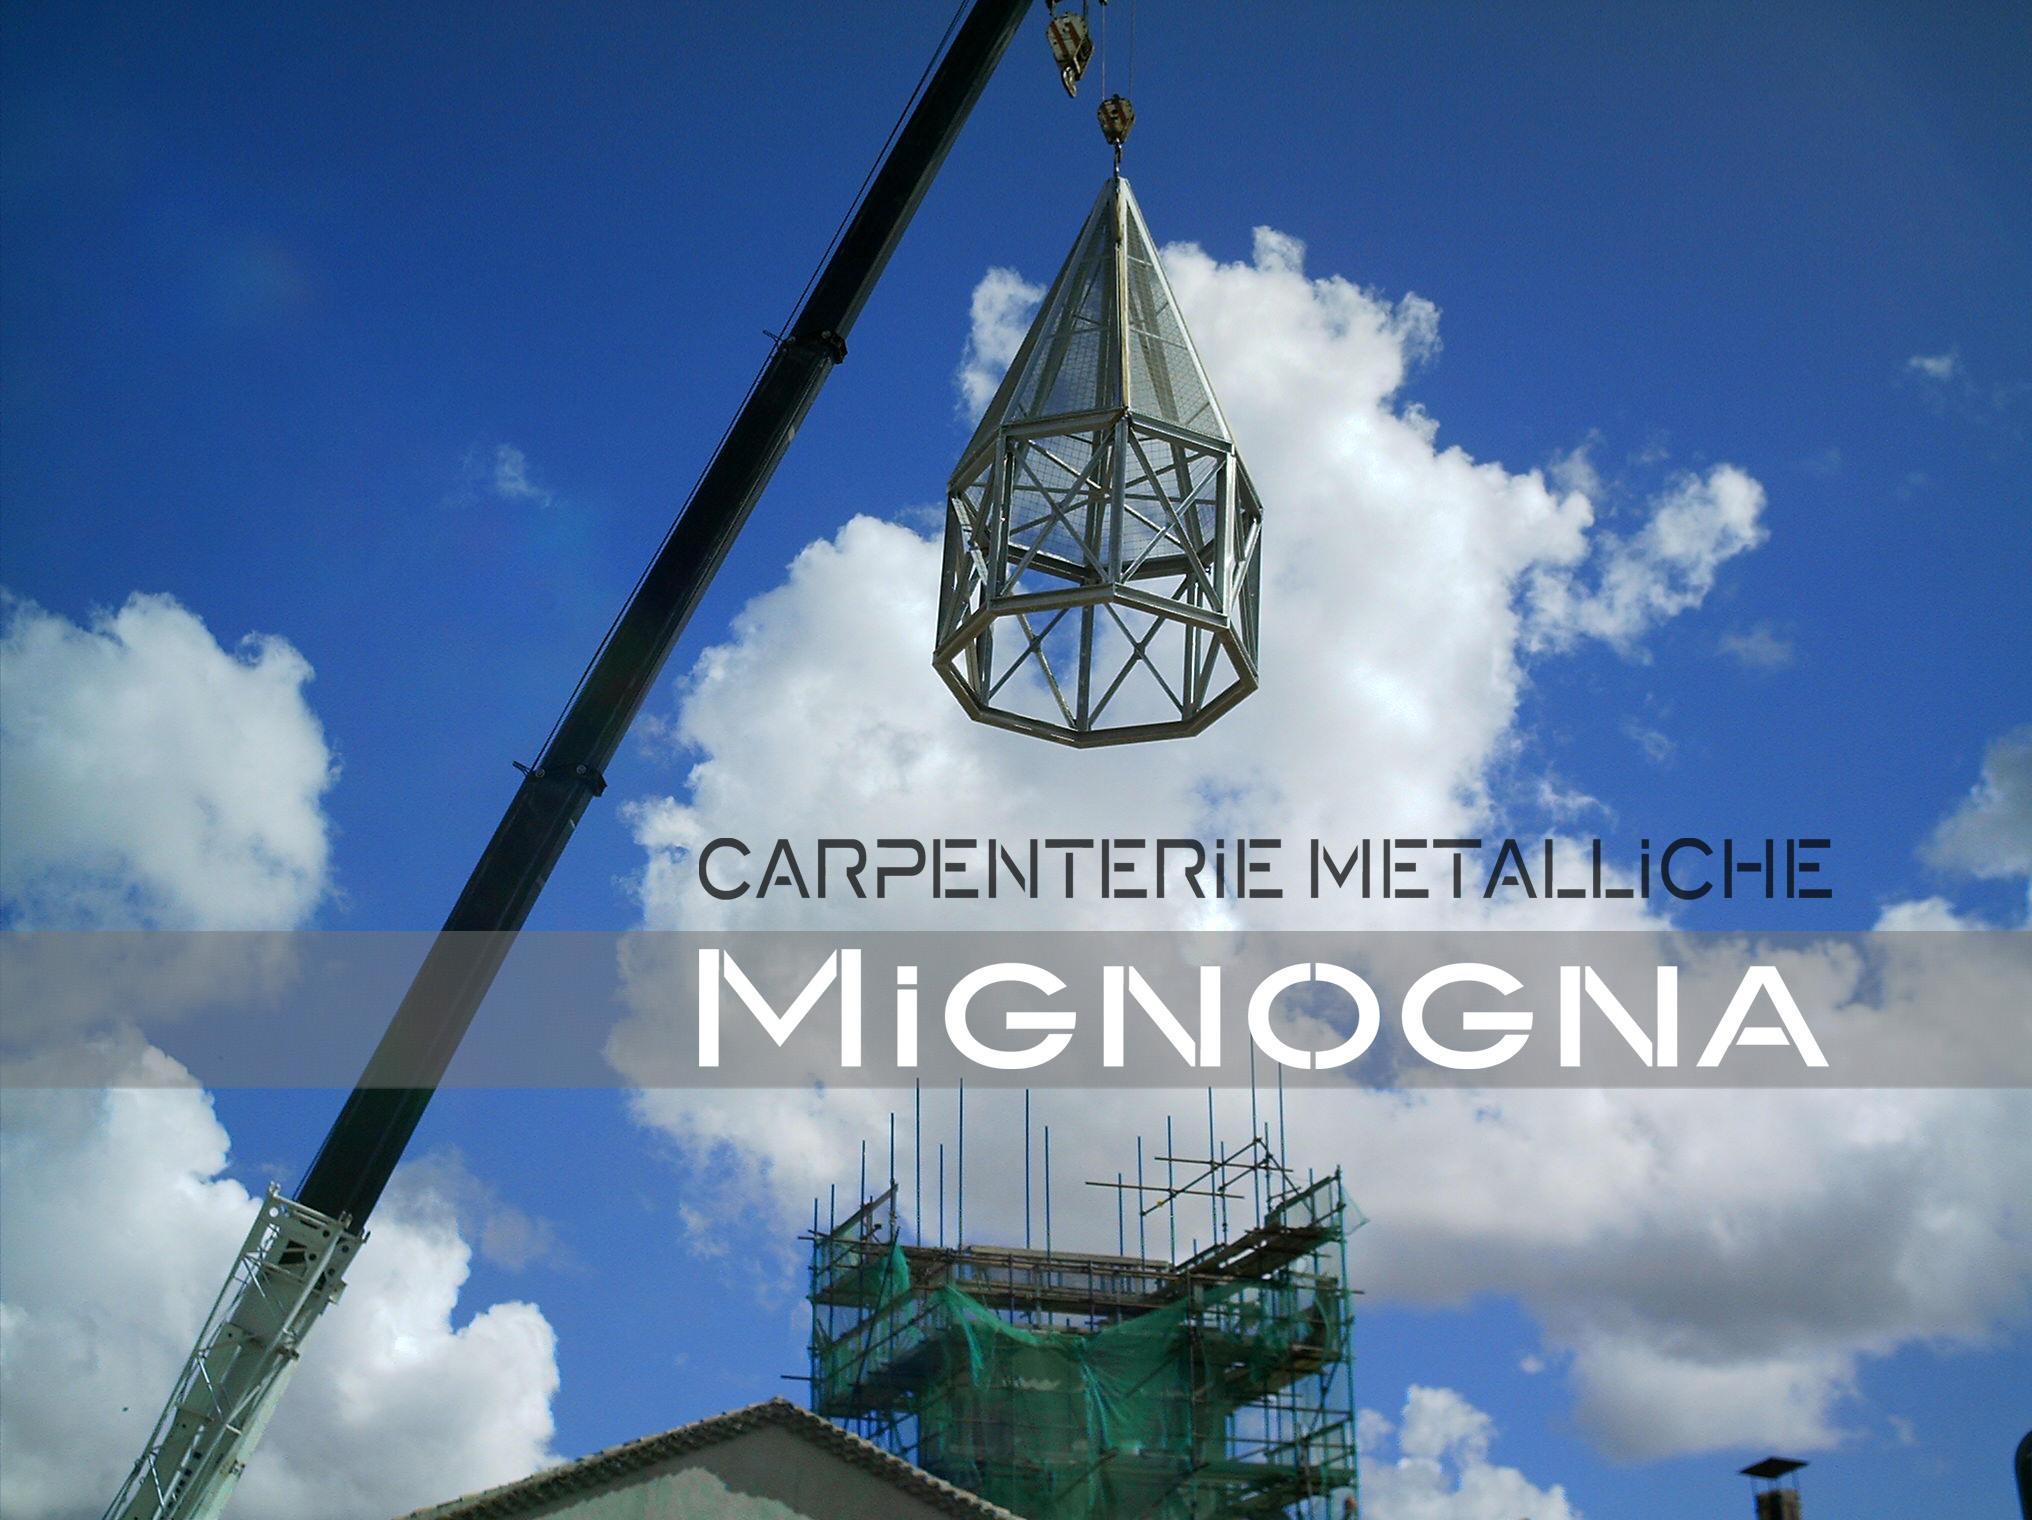 restauro della torre campanaria con nuova guglia in acciaio zincato, la messa in posa della struttura metallica